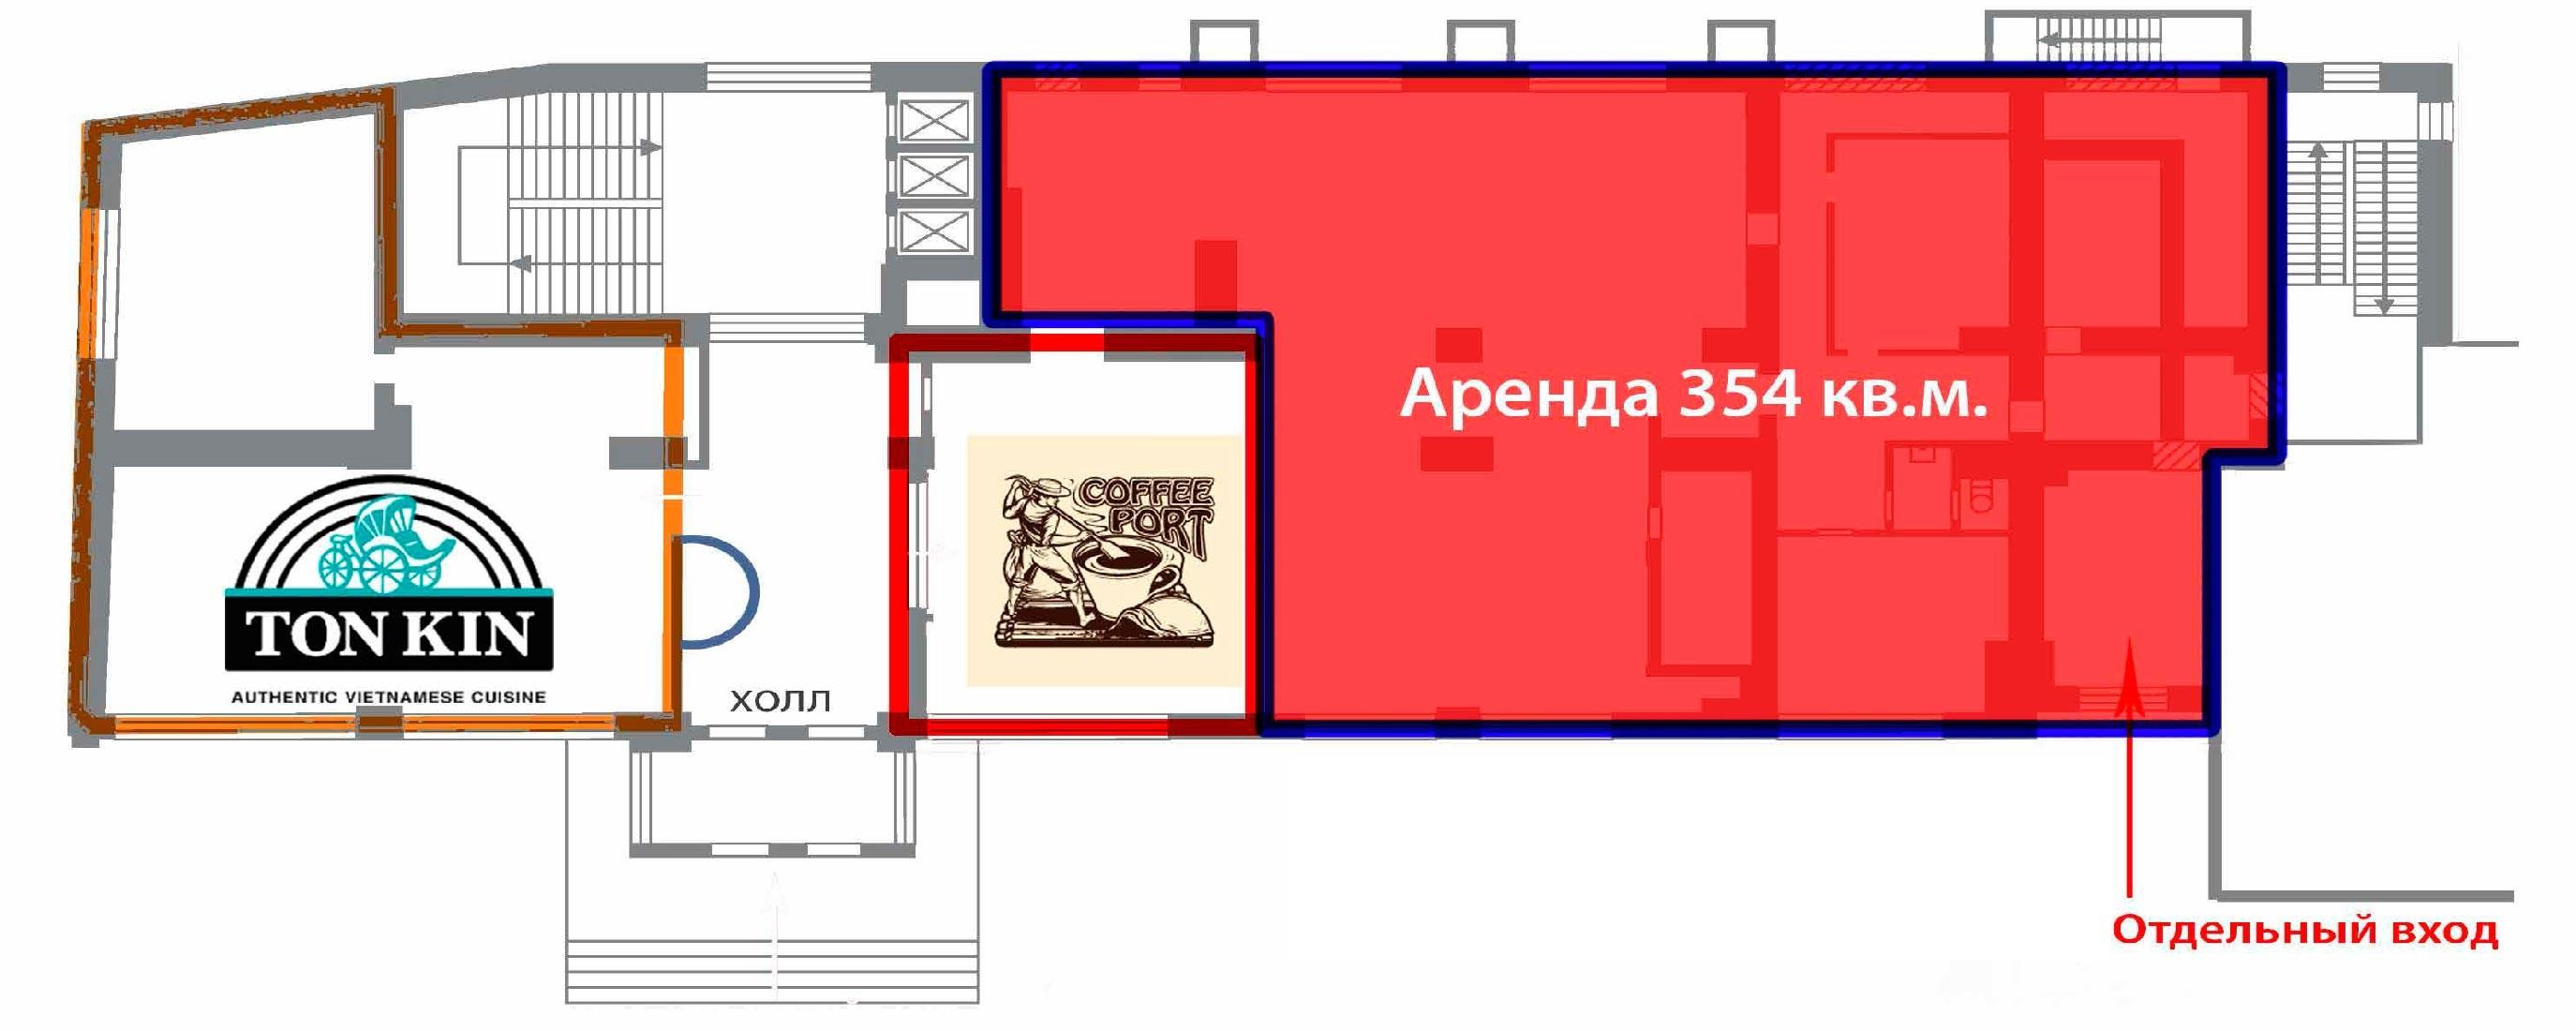 7770 Аренда помещения на Садовом кольце 354кв.м. Земляной вал д.50Ас3 без комиссии